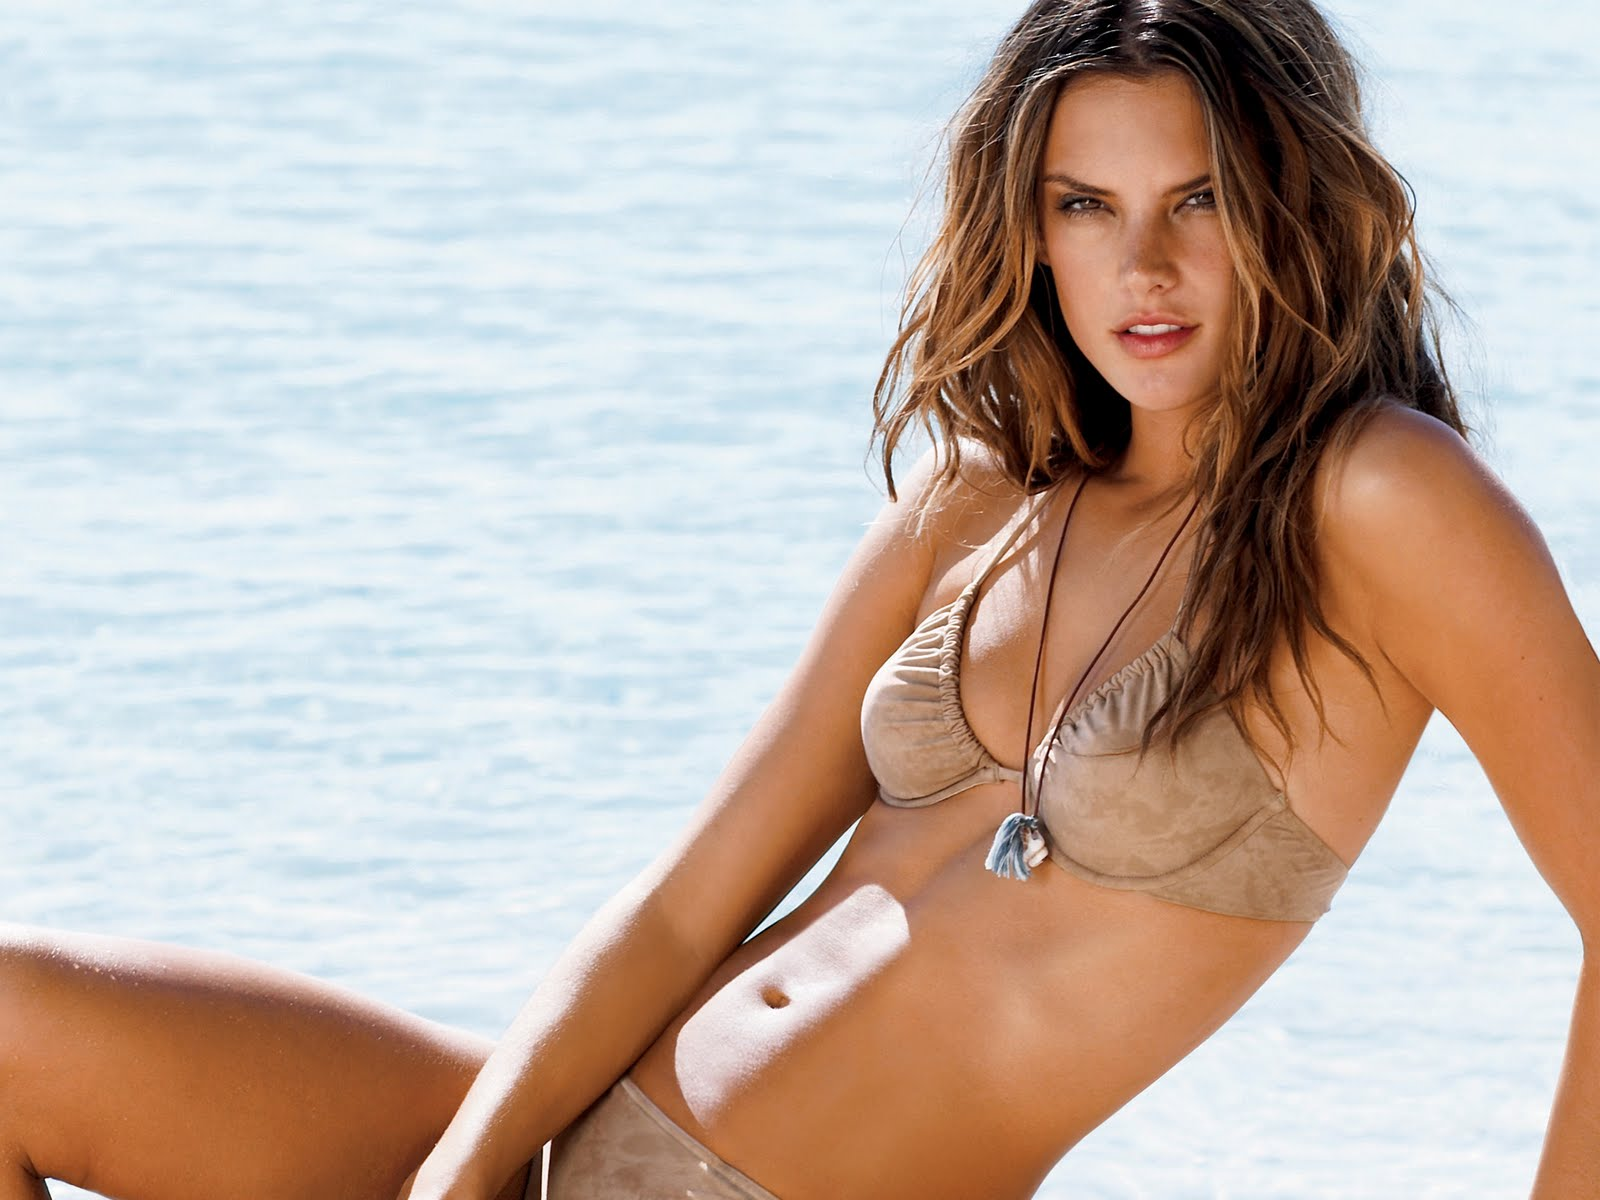 http://3.bp.blogspot.com/-7dwvSkiU9og/ToV0_I1vvyI/AAAAAAAAI04/cgaMOBgac2s/s1600/Alessandra+Ambrosio+Bikini+HD+Wallpaper+4.jpg